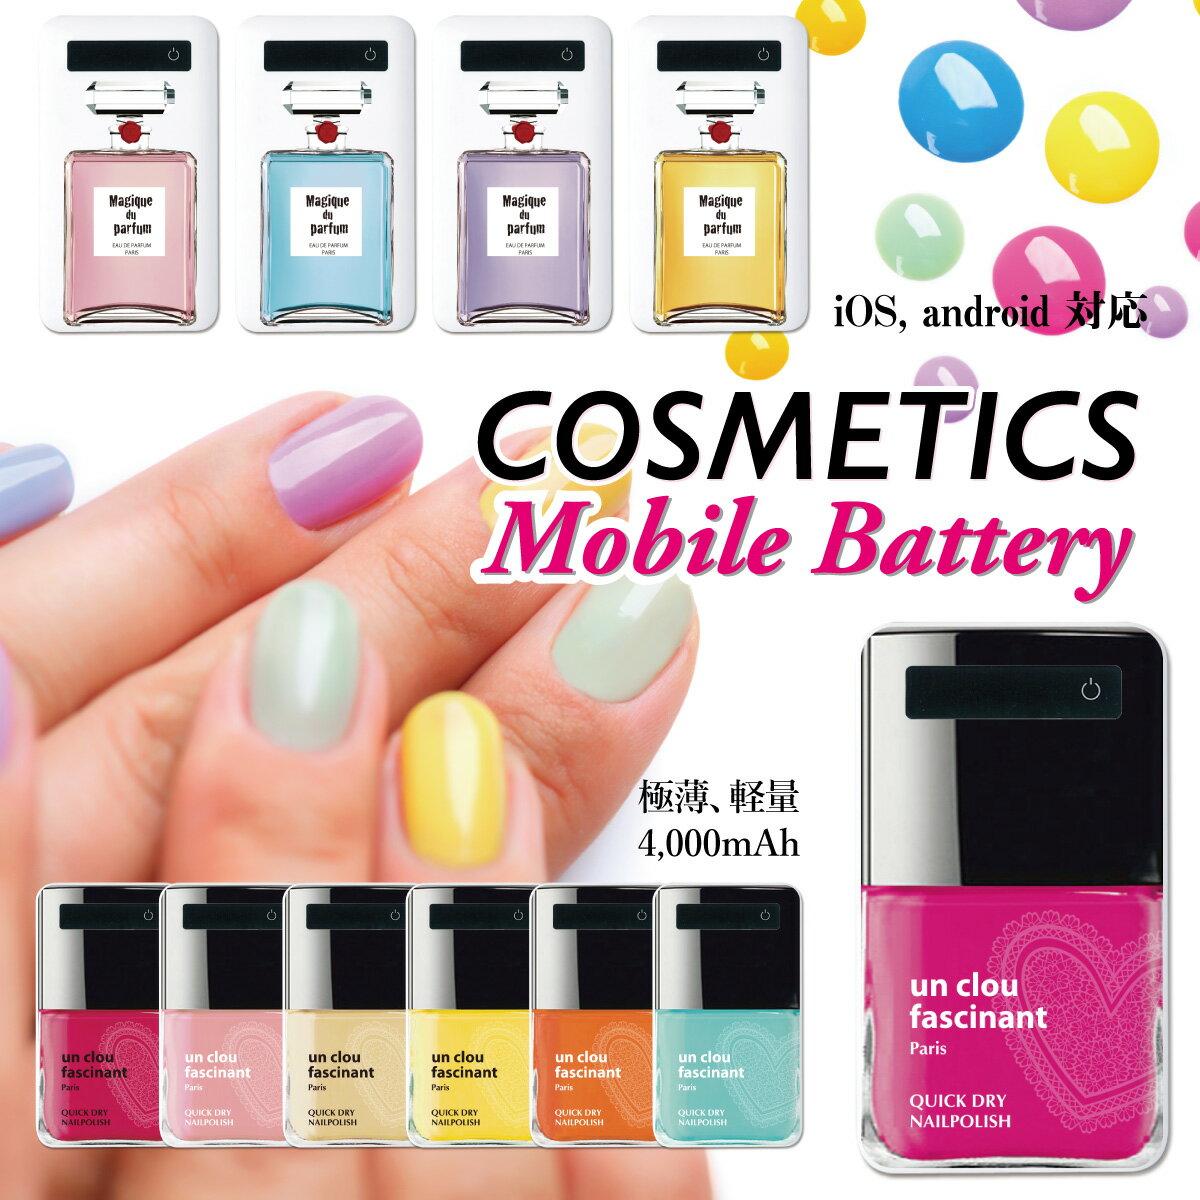 モバイルバッテリー 4000mAh 大容量 軽量 極薄 iPhone iPhone6 plus iPhone6s android スマホ 充電器 スマートフォン モバイル バッテリー 携帯充電器 充電 COSMETICS bt-031